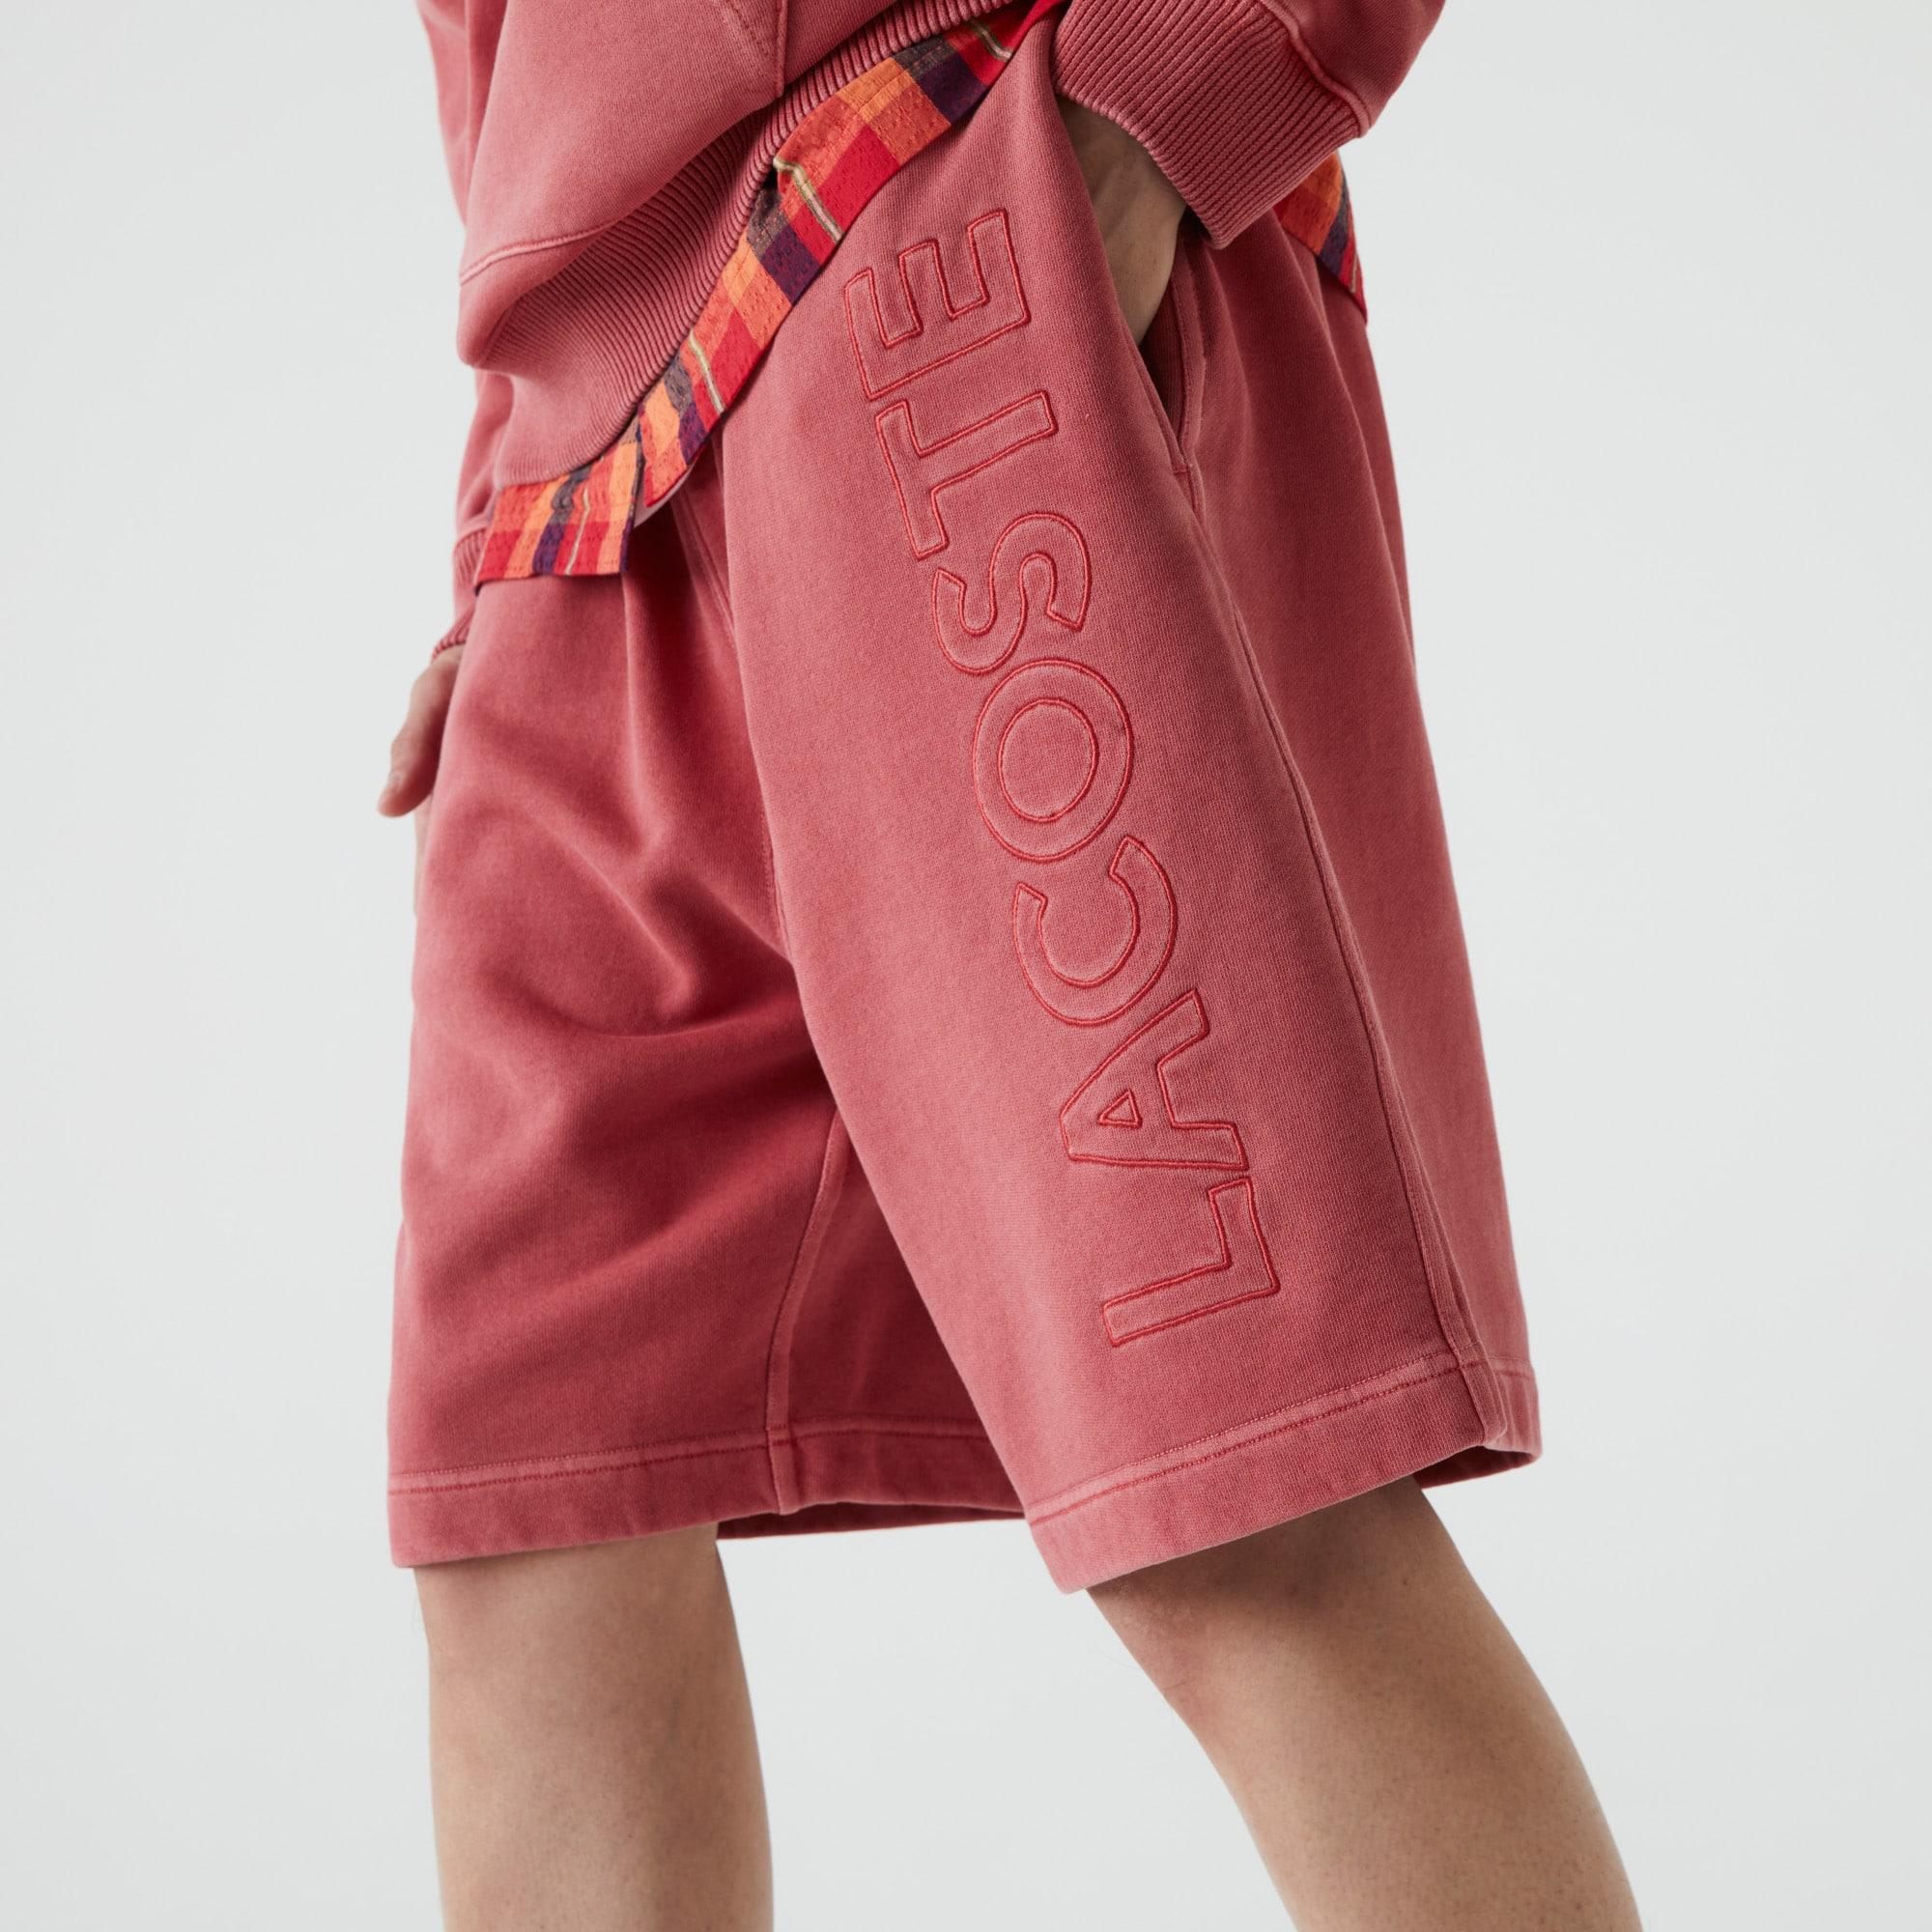 Homme Lacoste français Fleece Shorts New